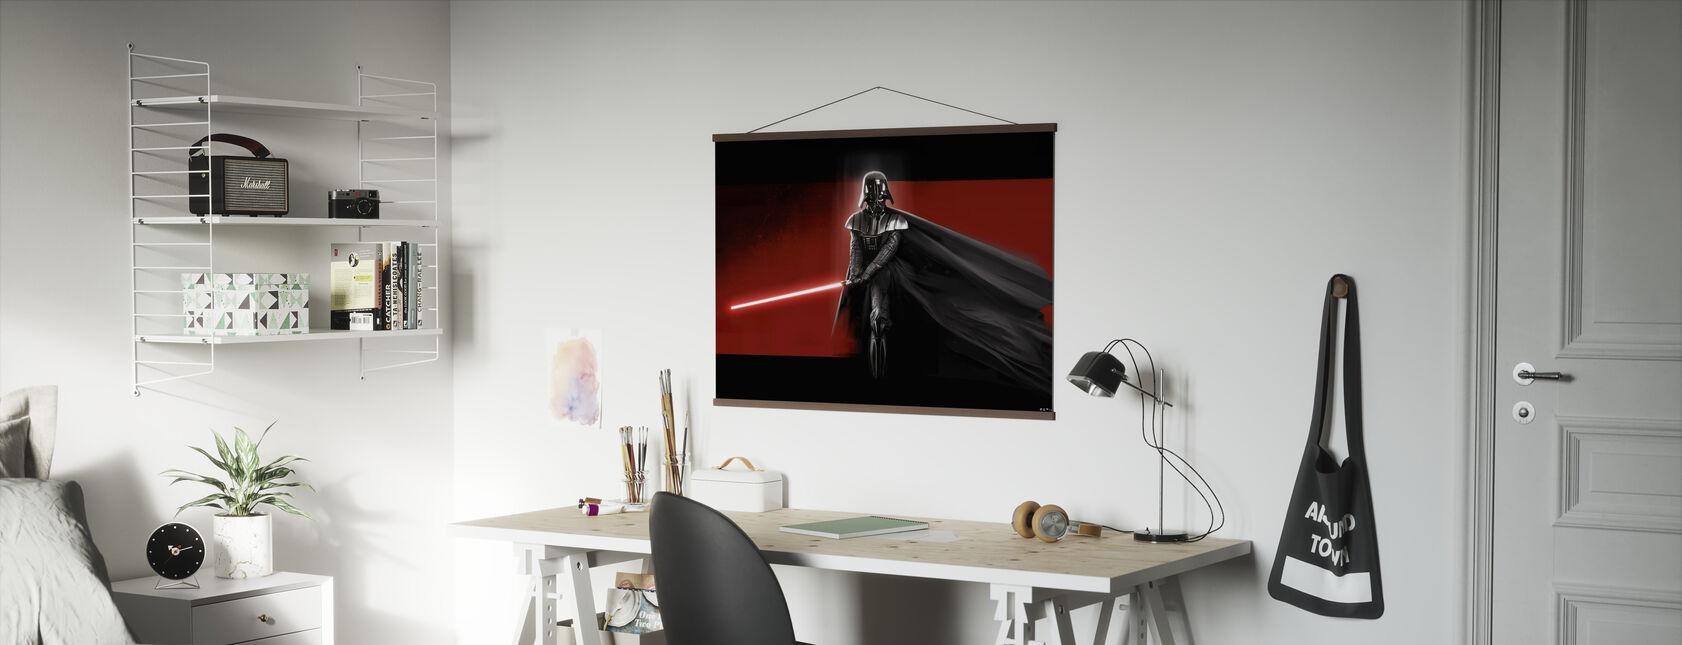 Tähtien sota - Darth Vader Punainen - Juliste - Toimisto